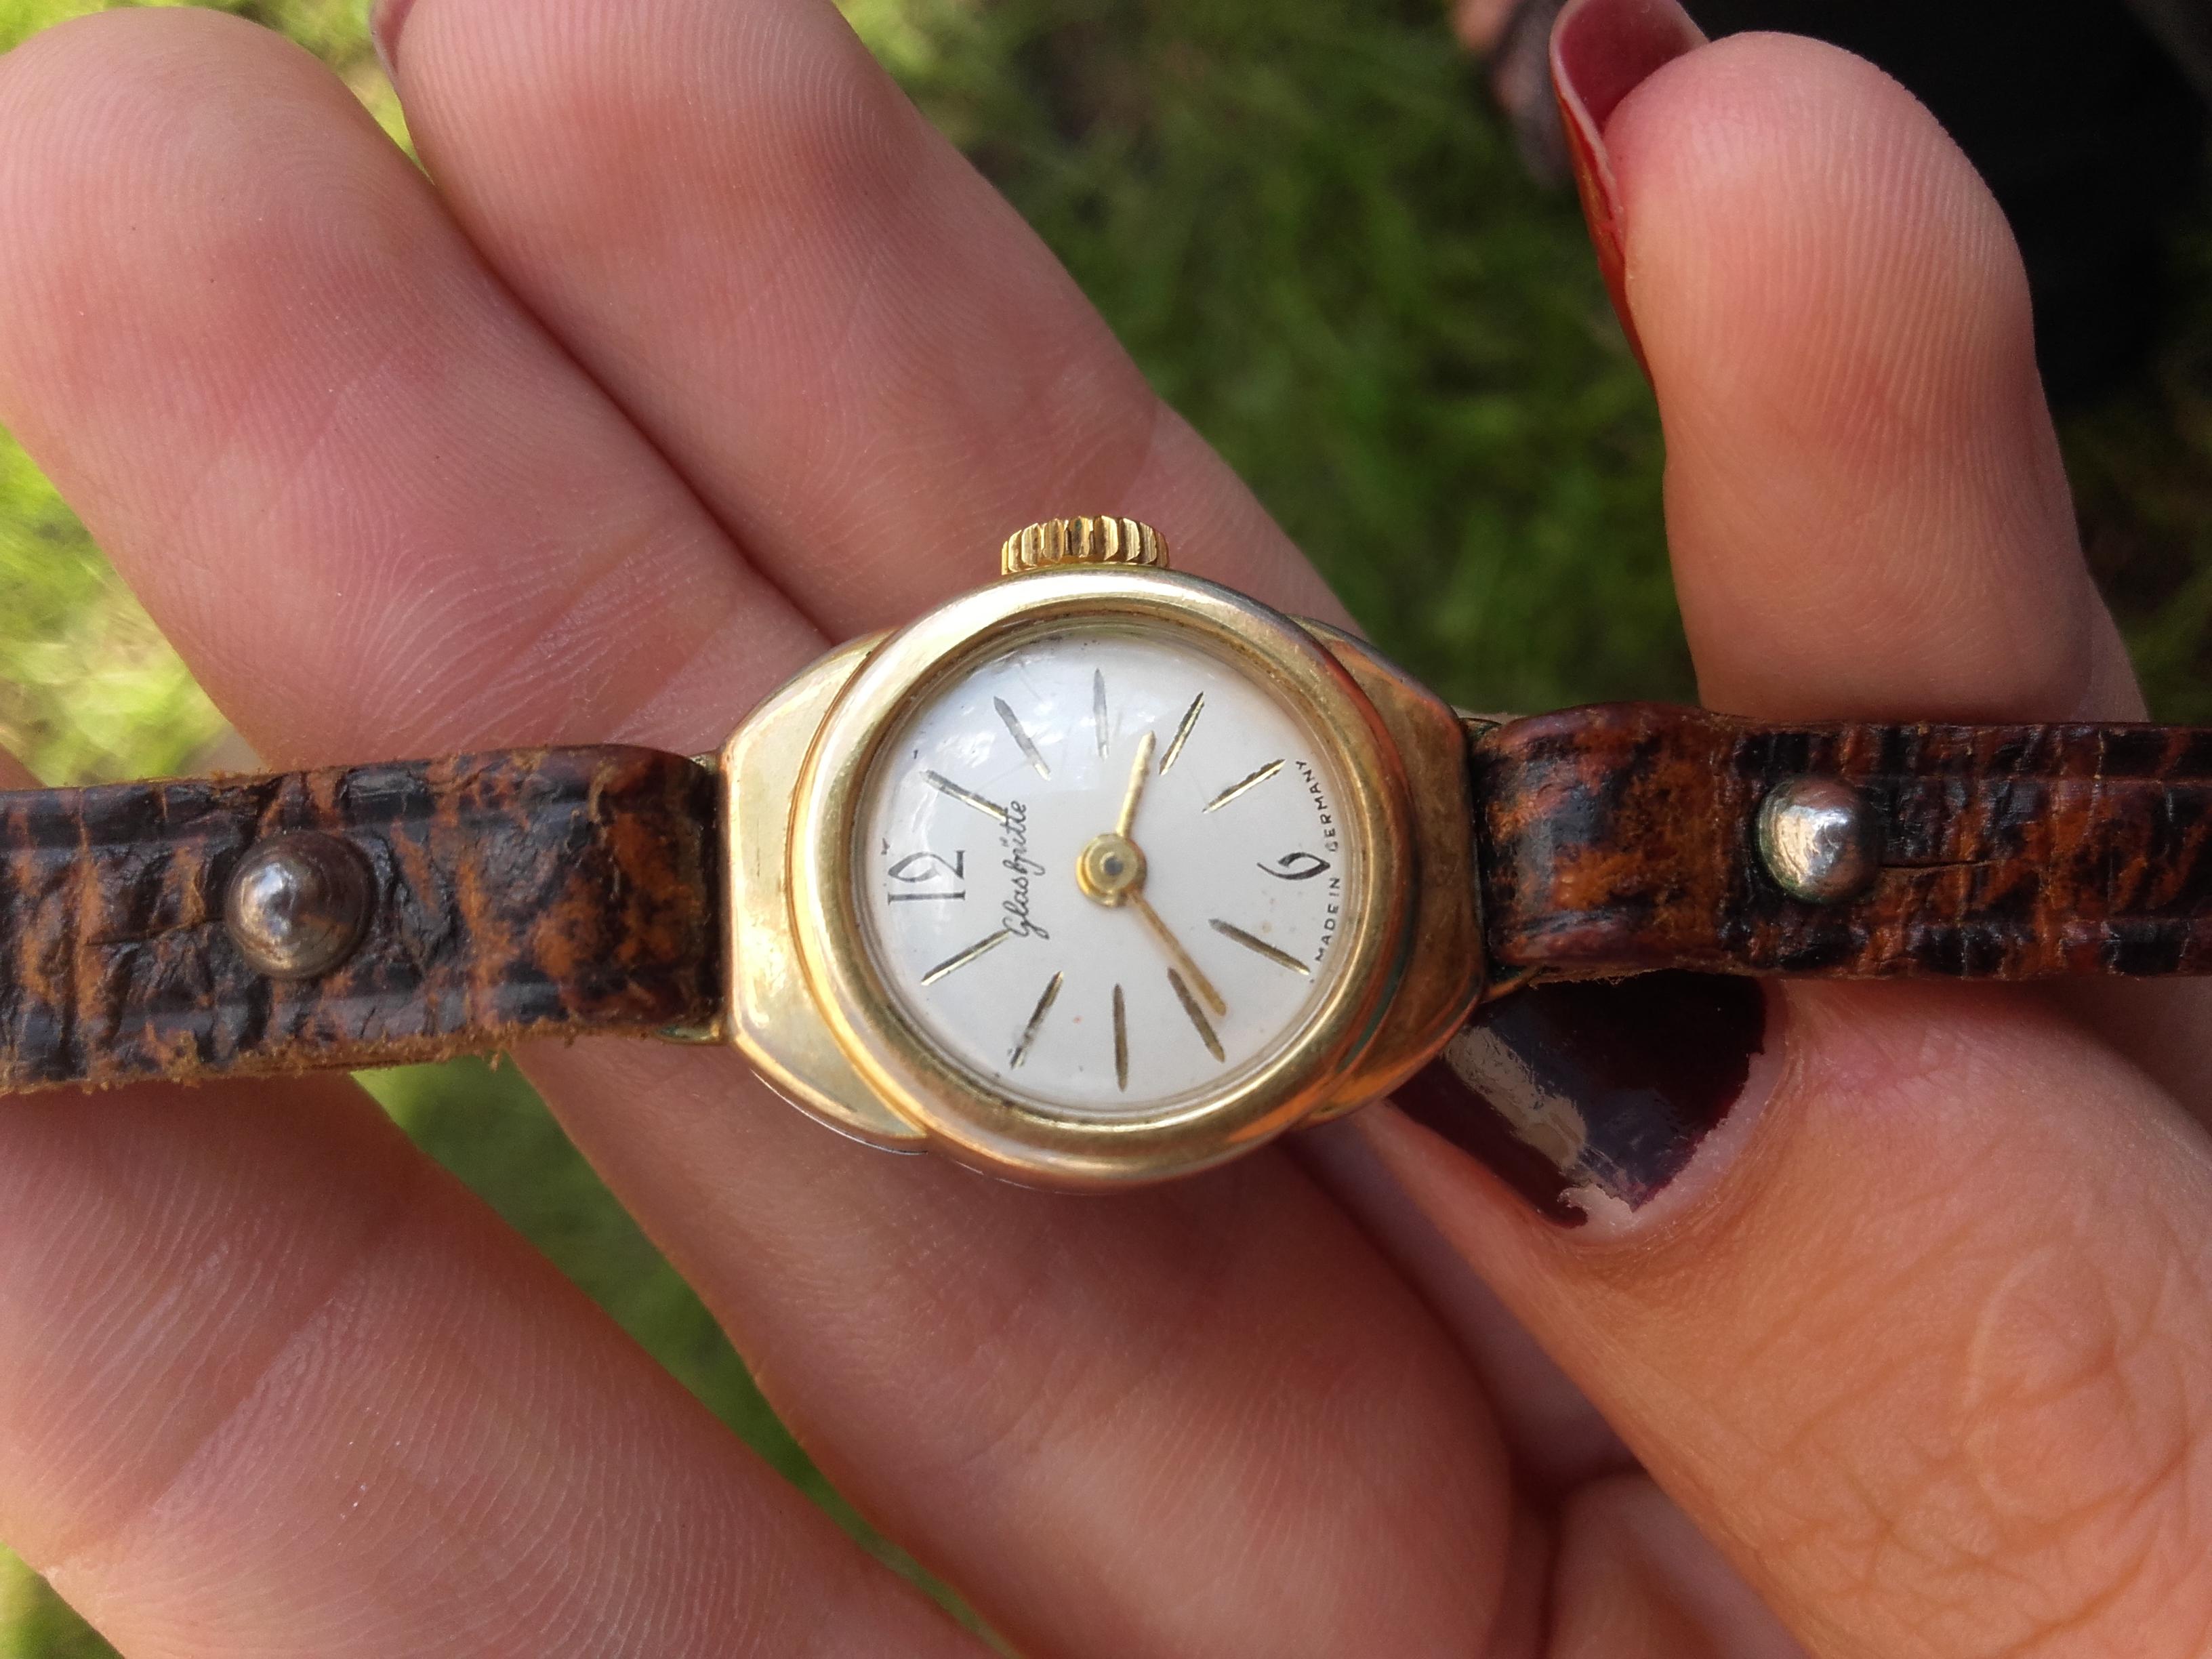 02286ab91c21ff Szanowny Panie, czy mógłby mi Pan wycenić zegarek GUB Glashutte Edelstahl  Plaque 20 mikrometer, made in Germany, nr 034786? Od jakiegoś czasu nie  działa.